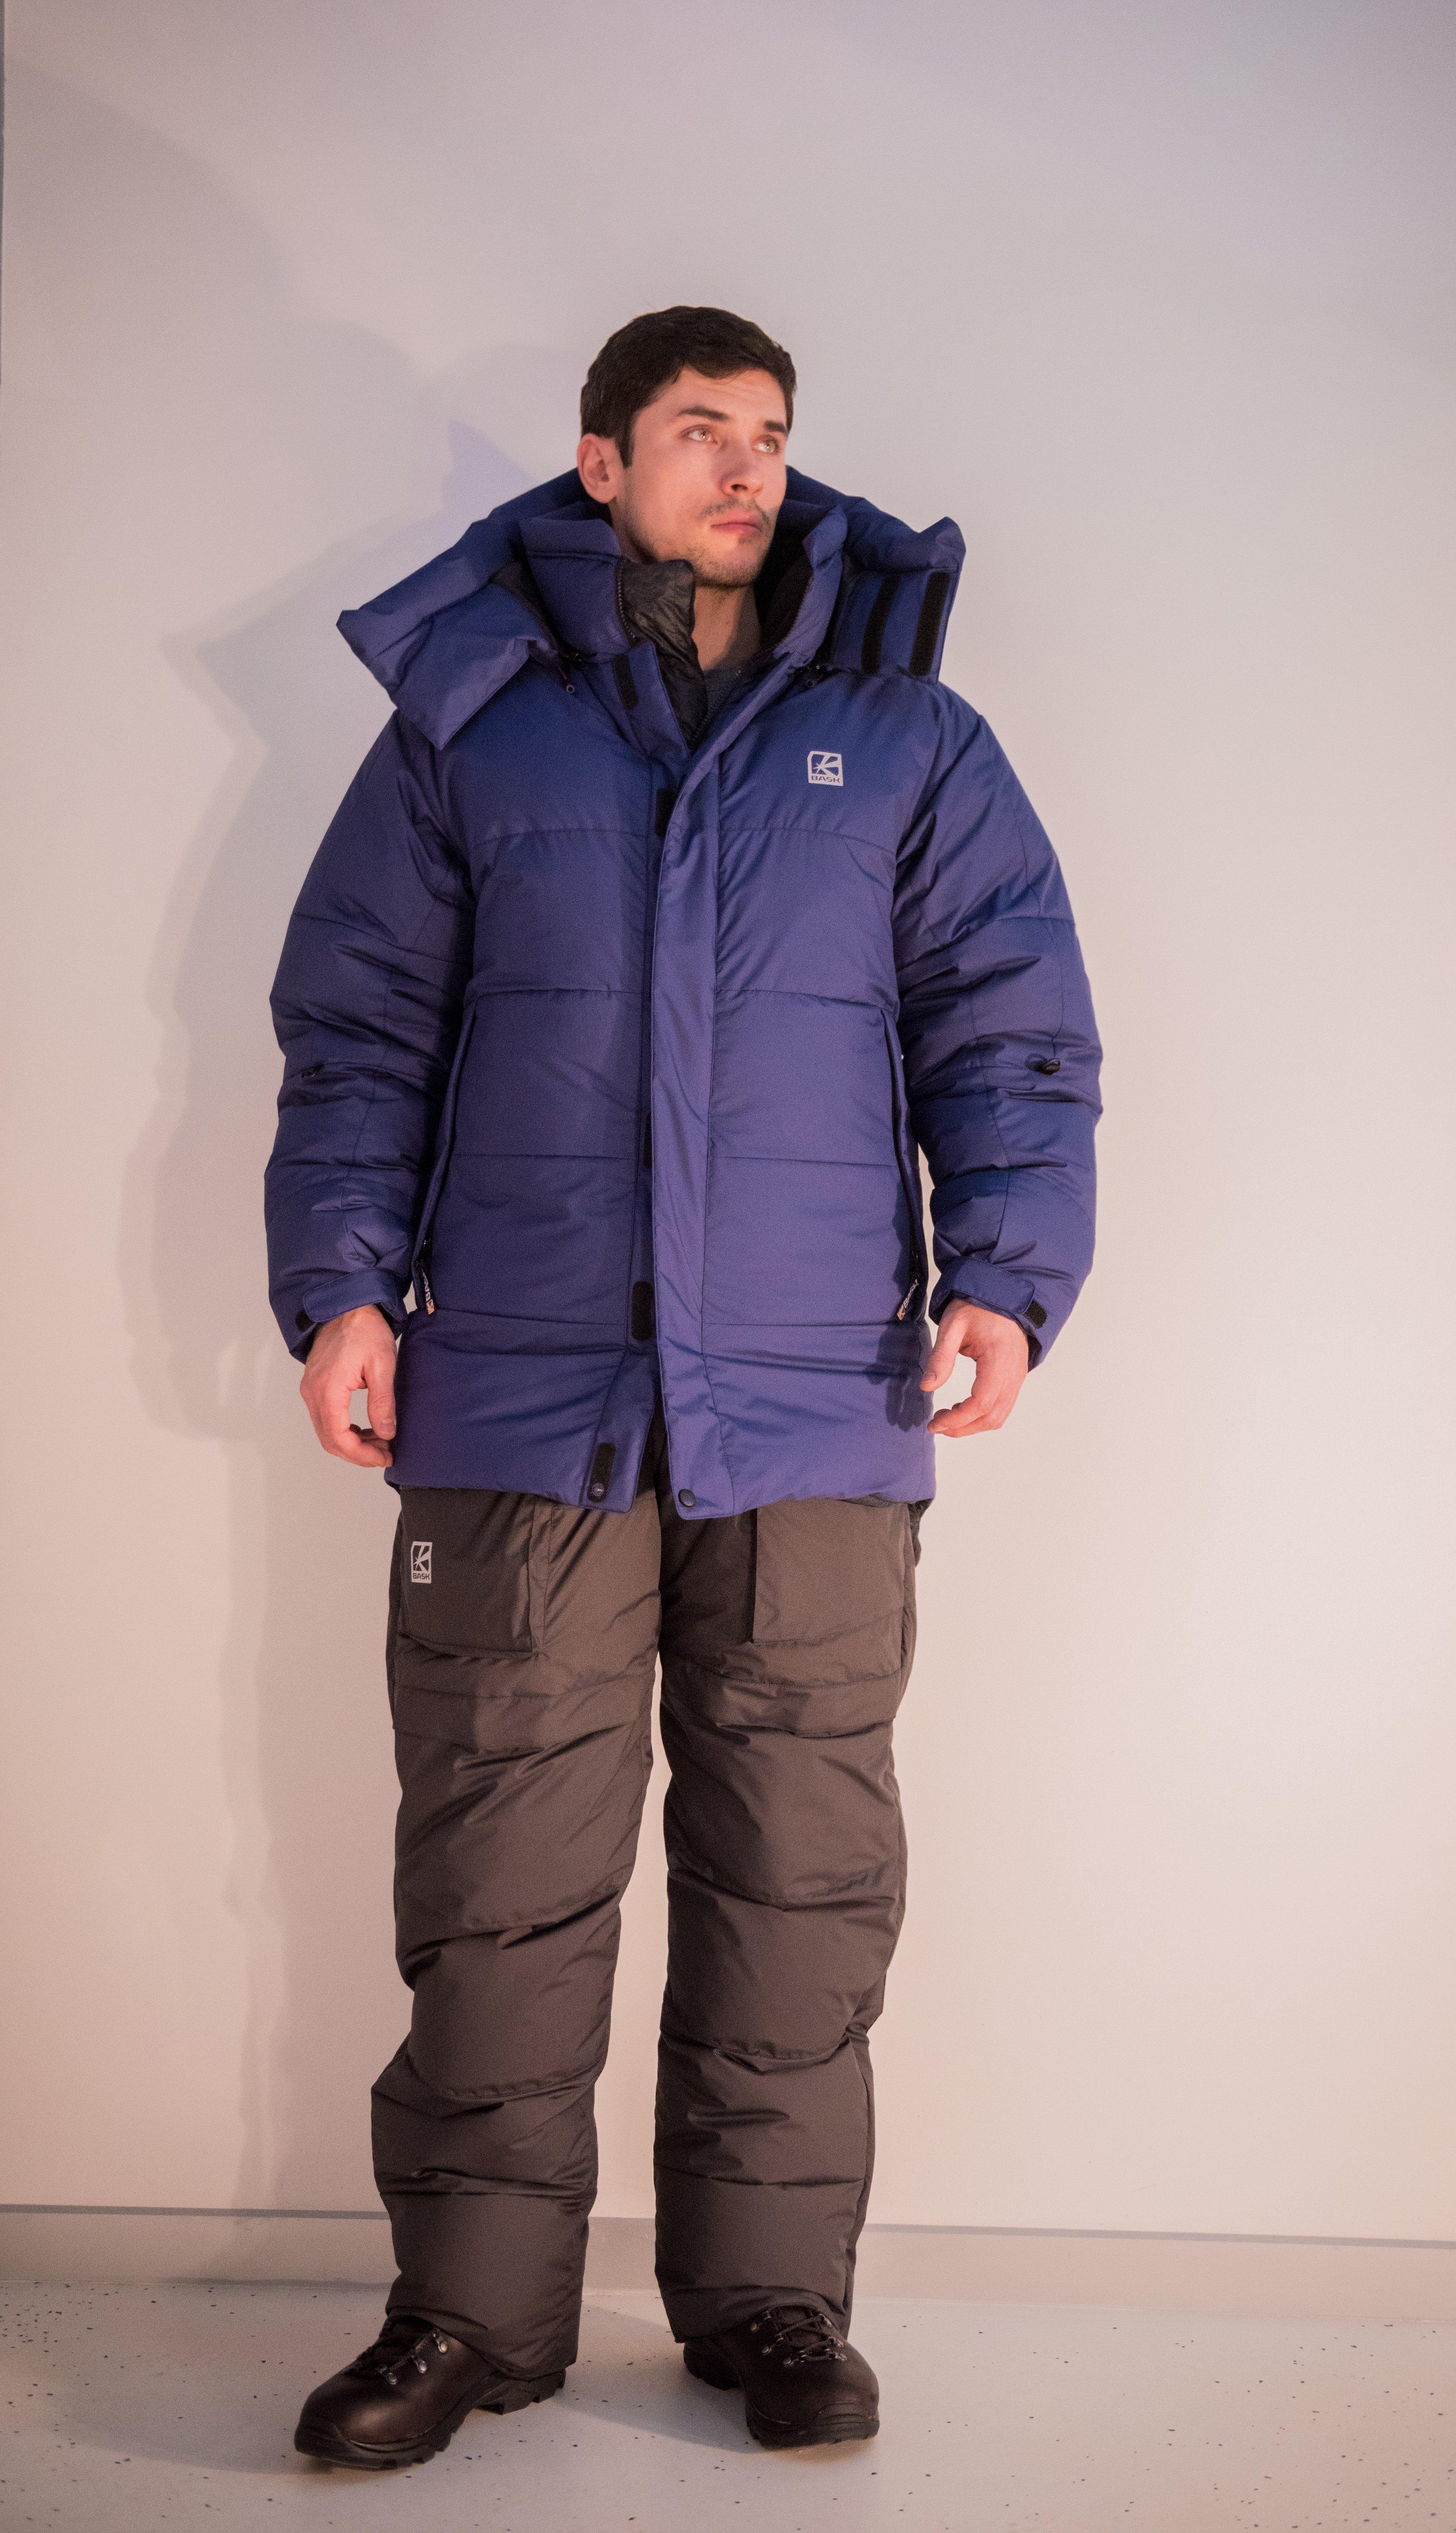 Пуховая куртка BASK KHAN TENGRI V7 3324DКуртки<br><br><br>&quot;Дышащие&quot; свойства: Да<br>Верхняя ткань: Gelanots® GHB<br>Вес граммы: 1150<br>Вес утеплителя: 450<br>Ветро-влагозащитные свойства верхней ткани: Да<br>Ветрозащитная планка: Да<br>Ветрозащитная юбка: Да<br>Влагозащитные молнии: Нет<br>Внутренние манжеты: Да<br>Внутренняя ткань: Advance® Classic<br>Водонепроницаемость: 1000<br>Дублирующий центральную молнию клапан: Да<br>Защитный козырёк капюшона: Нет<br>Капюшон: Съемный<br>Количество внешних карманов: 3<br>Количество внутренних карманов: 2<br>Коллекция: Alpine Expert DOWN<br>Мембрана: Да<br>Объемный крой локтевой зоны: Да<br>Отстёгивающиеся рукава: Нет<br>Паропроницаемость: 7000<br>Показатель Fill Power (для пуховых изделий): 850<br>Пол: Мужской<br>Проклейка швов: Нет<br>Регулировка манжетов рукавов: Да<br>Регулировка низа: Да<br>Регулировка объёма капюшона: Да<br>Регулировка талии: Да<br>Регулируемые вентиляционные отверстия: Нет<br>Световозвращающая лента: Нет<br>Температурный режим: -35<br>Технология Thermal Welding: Нет<br>Технология швов: Теплые и закрытые<br>Тип молнии: Двухзамковая<br>Тип утеплителя: Натуральный<br>Ткань усиления: Advance® Ecliptic<br>Усиление контактных зон: Да<br>Утеплитель: Гусиный пух<br>Размер RU: 48<br>Цвет: СИНИЙ